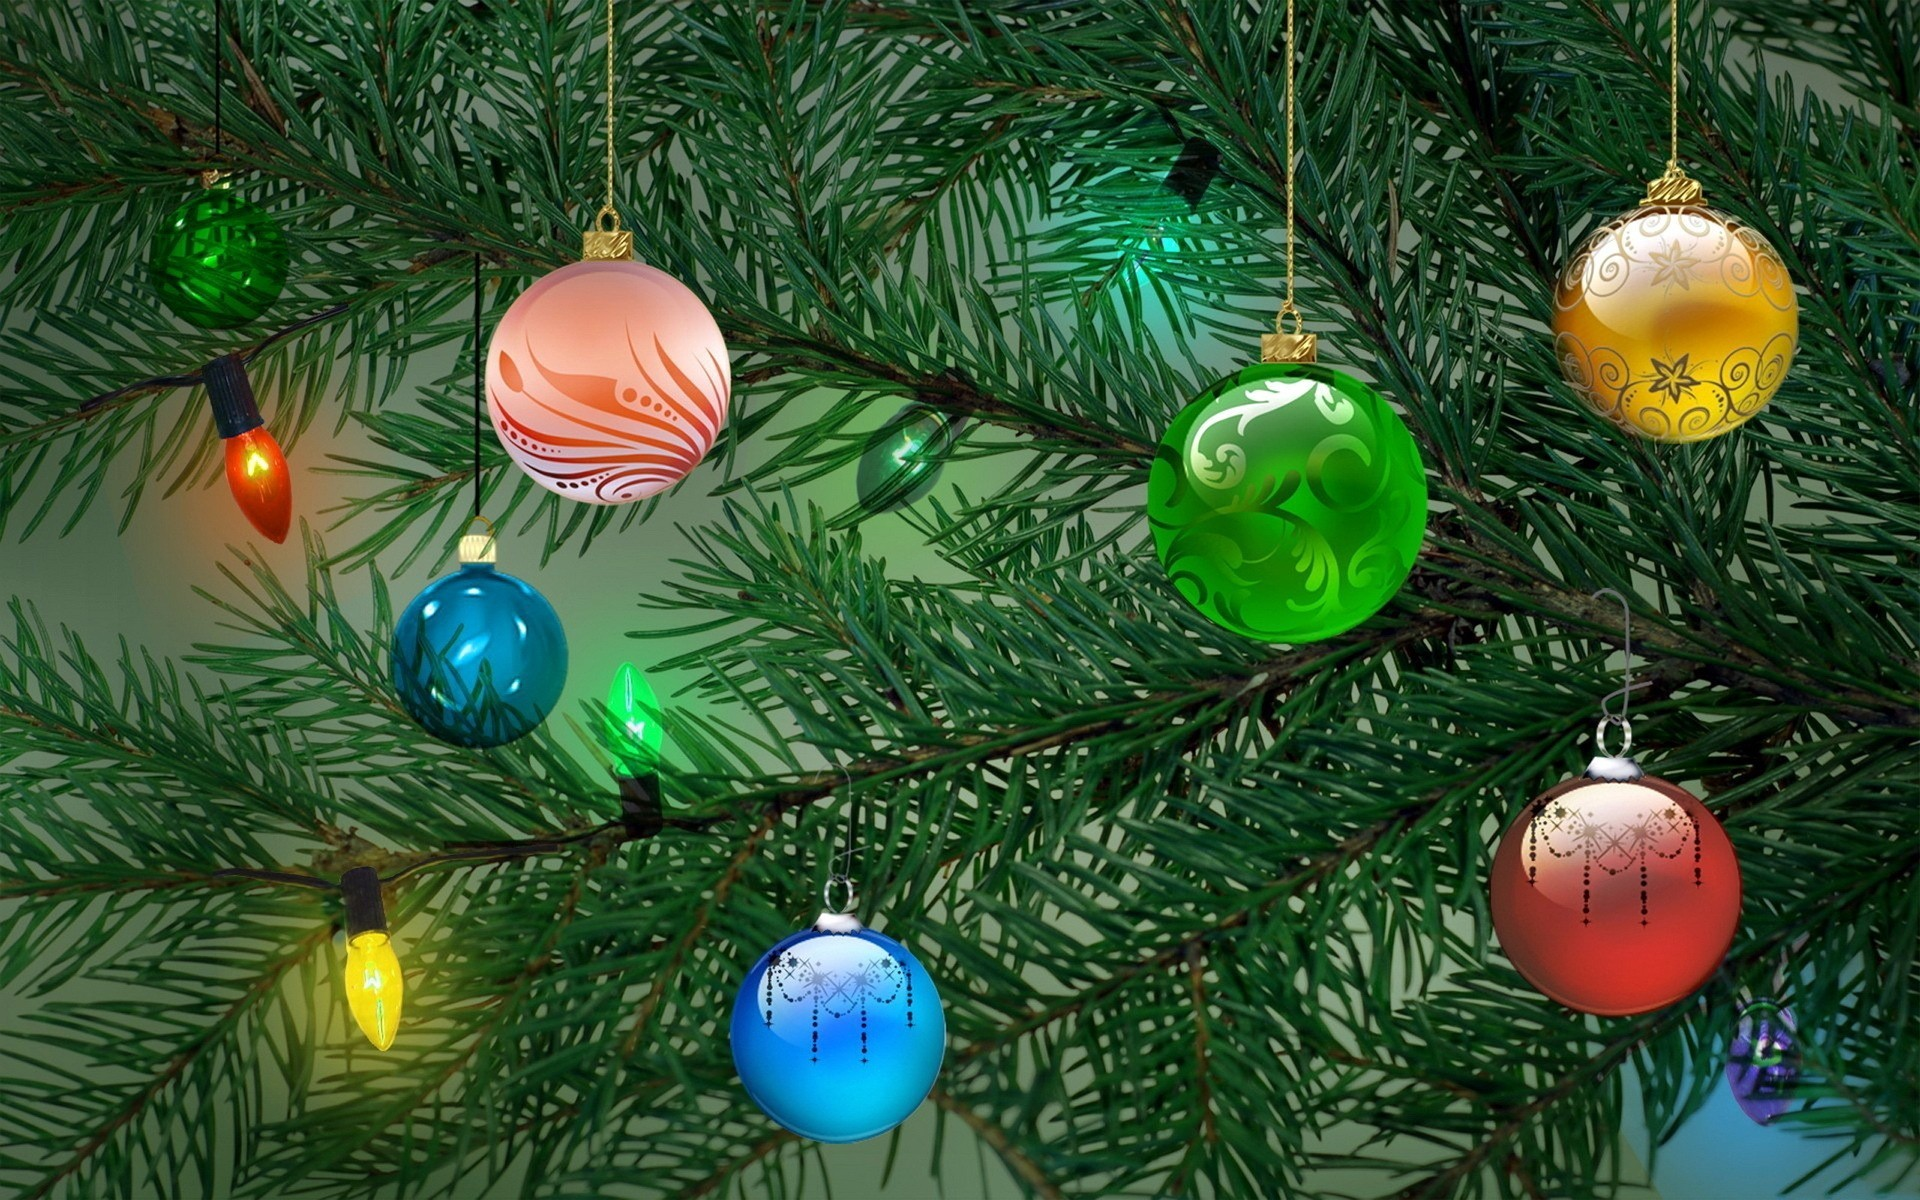 Елочные игрушки елка новый год